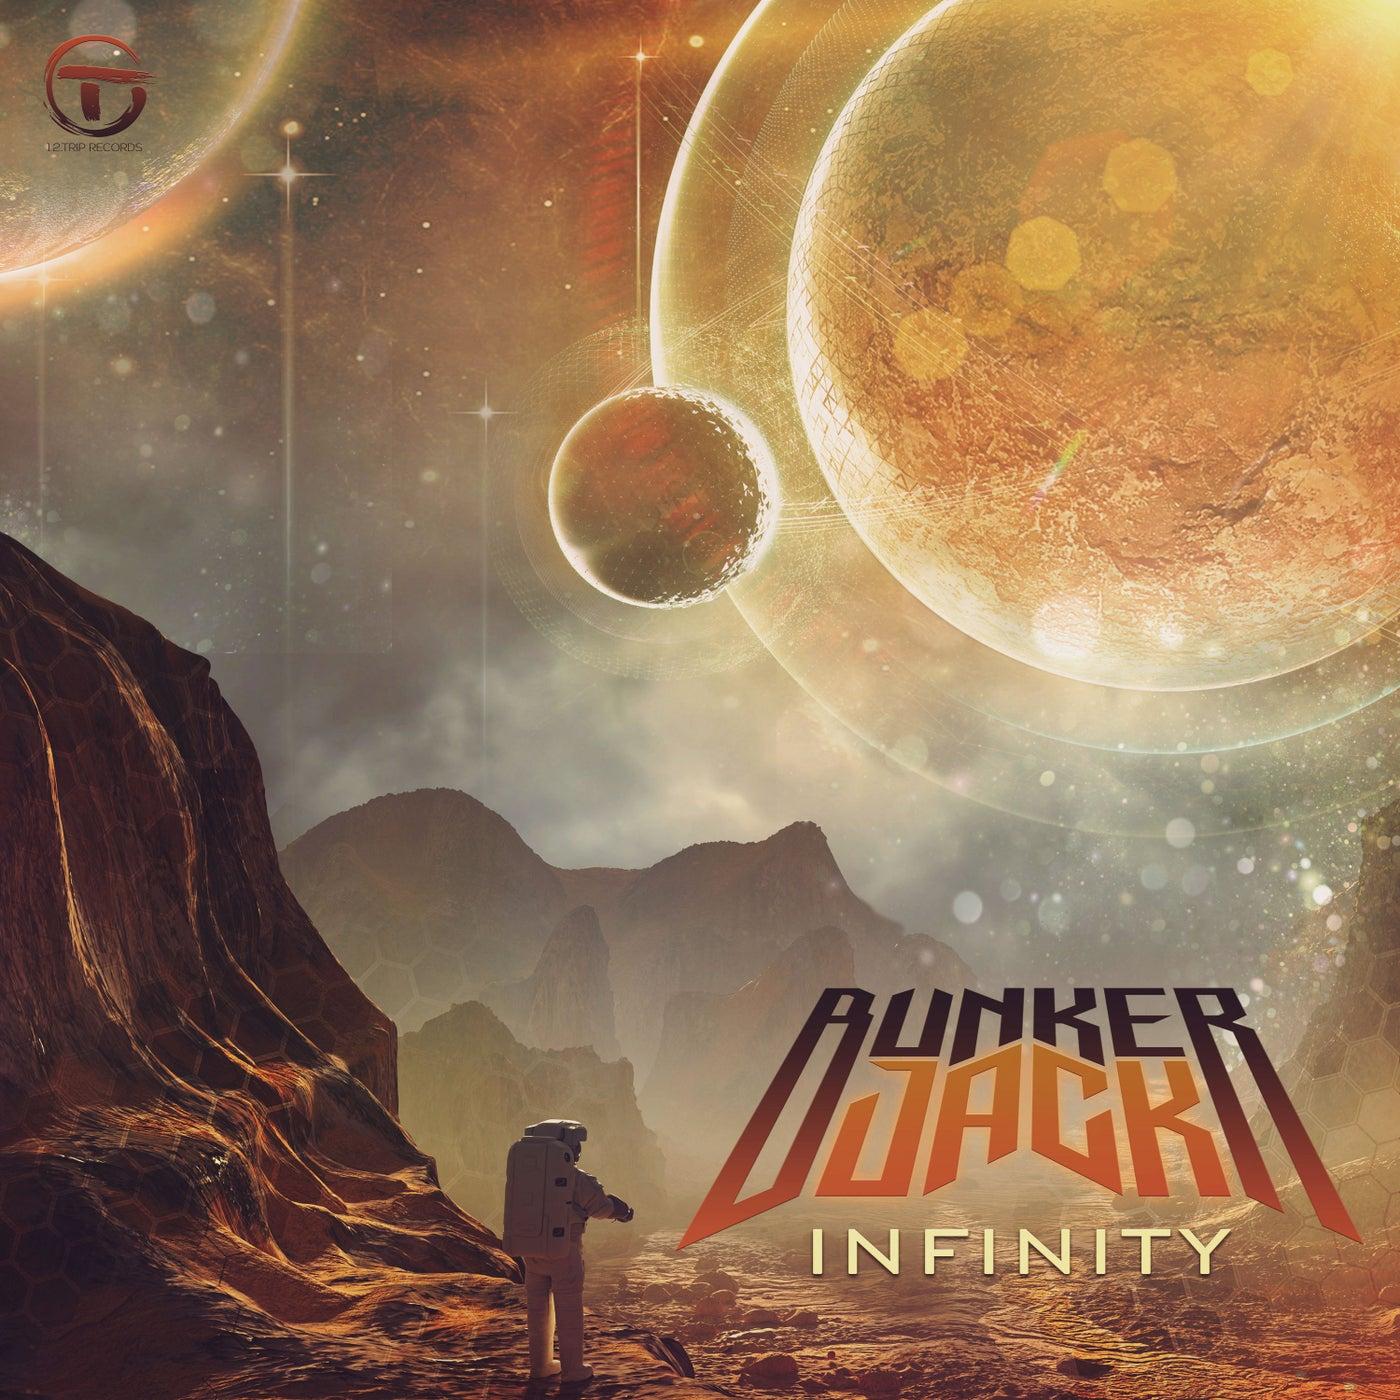 Infinity (Original Mix)